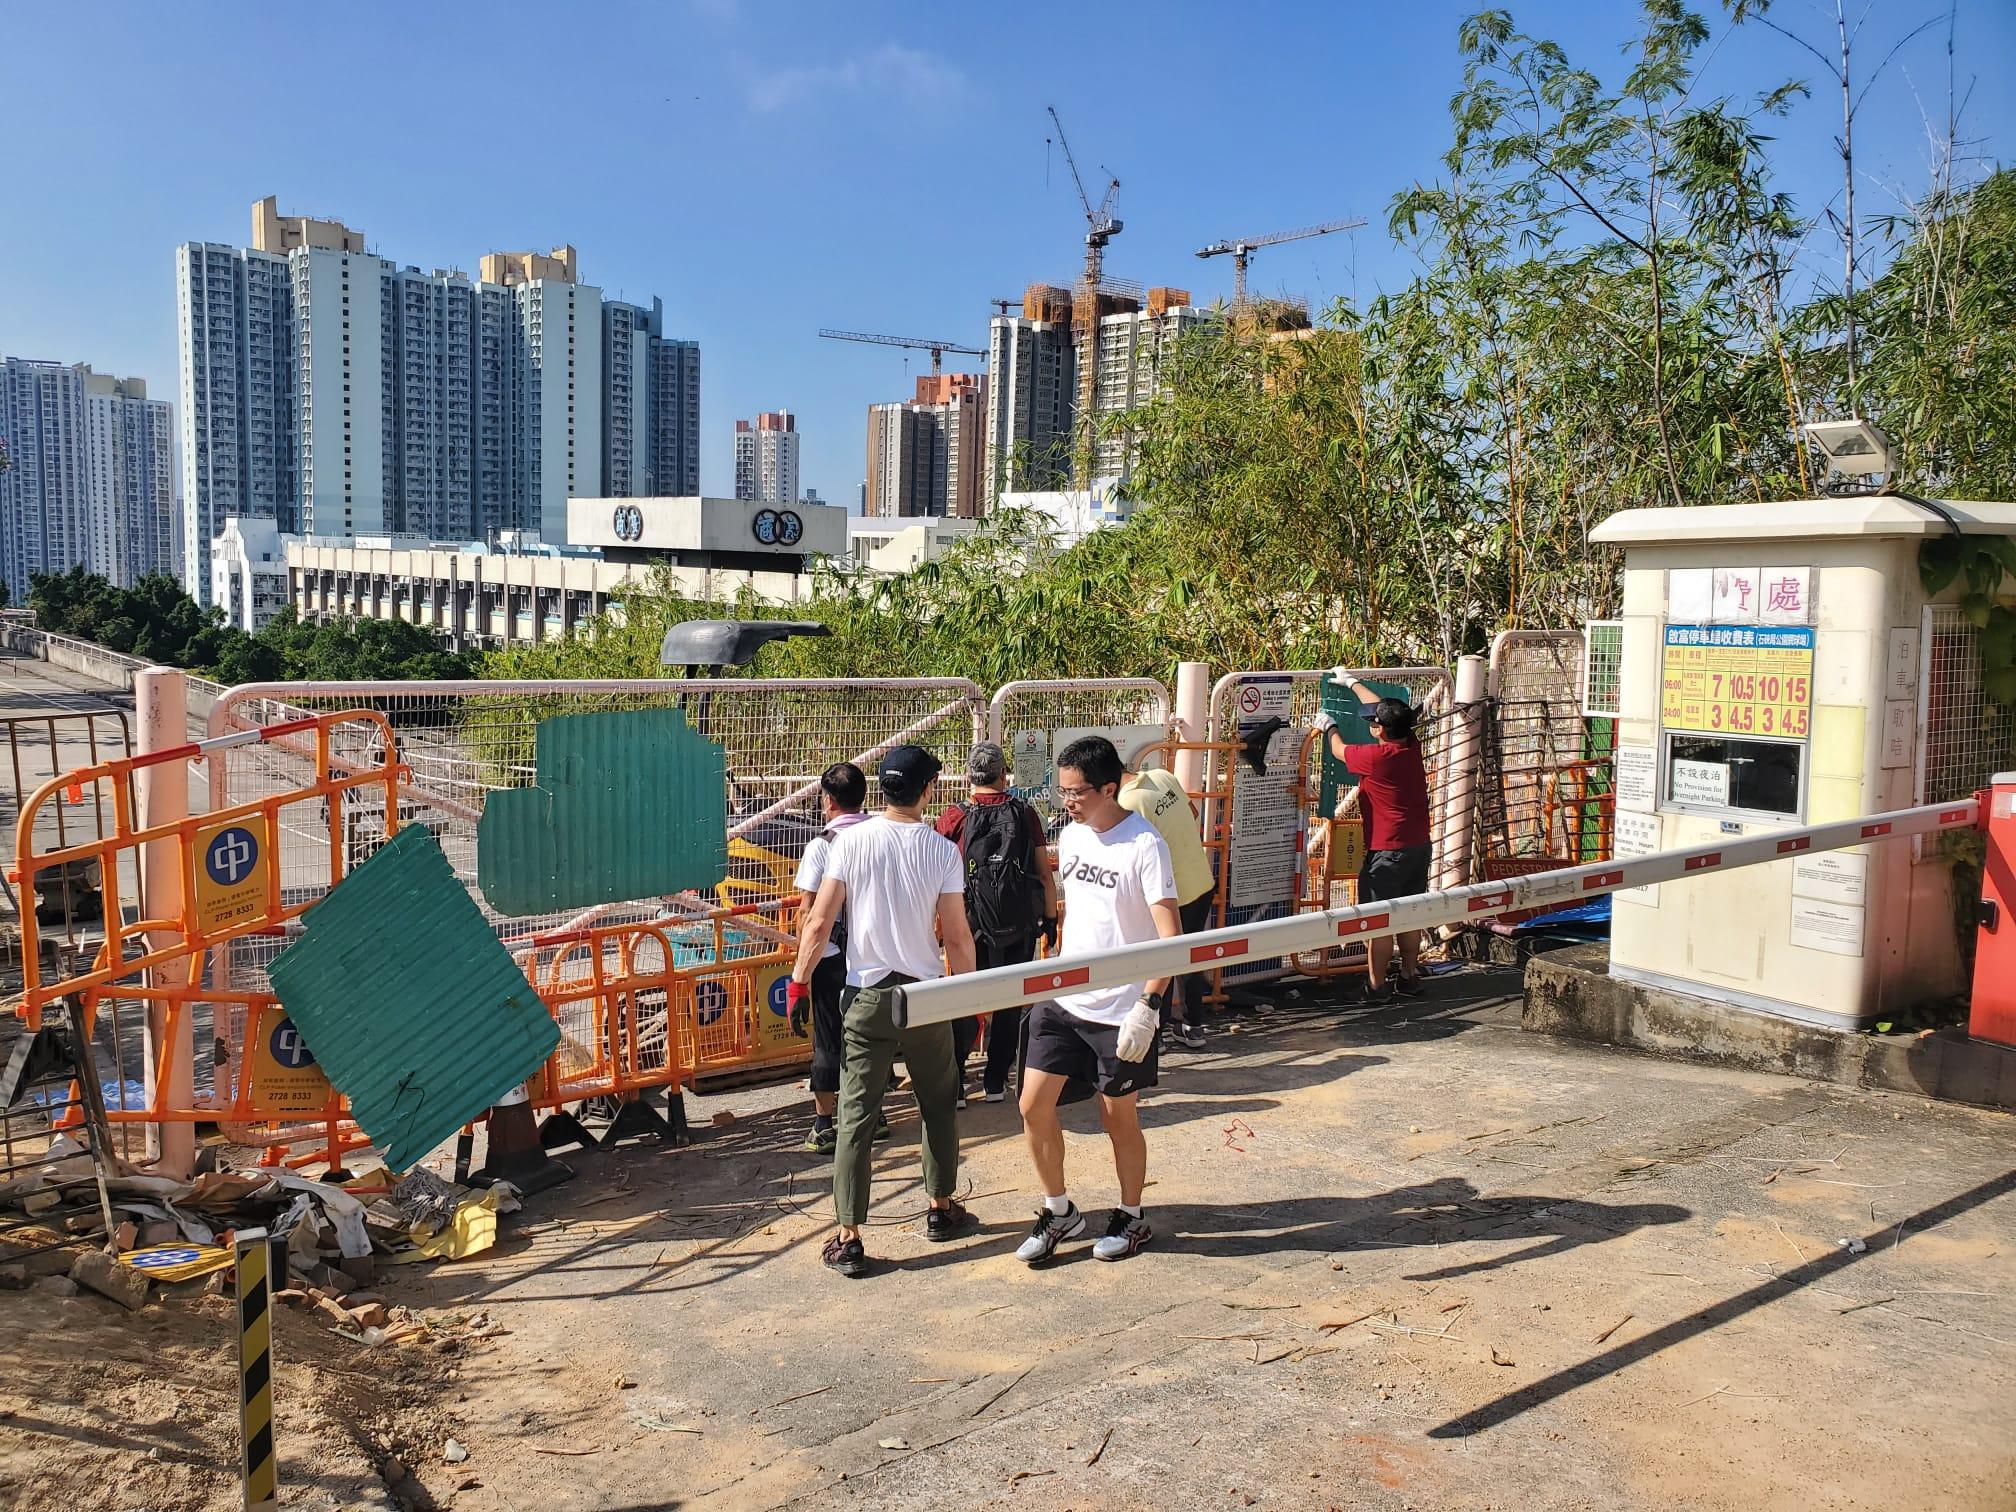 【修例风波】九龙塘发现可疑铁箱 警证实无炸弹